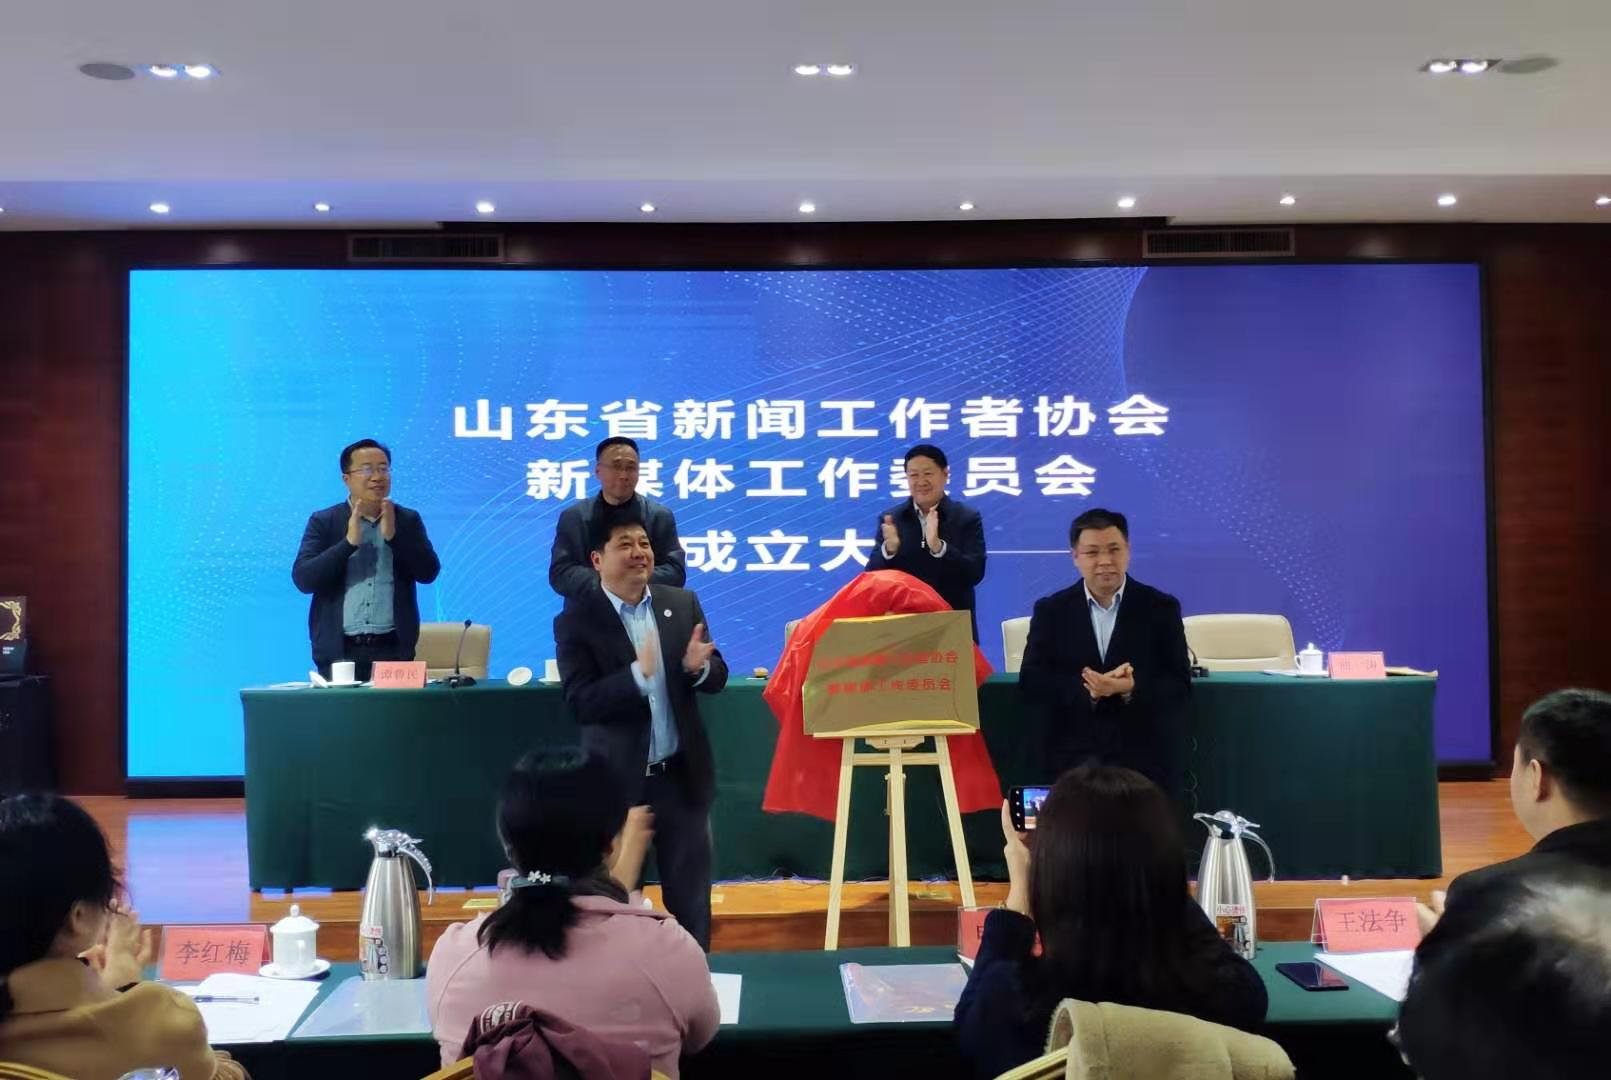 山东省新闻工作者协会新媒体工作委员会成立